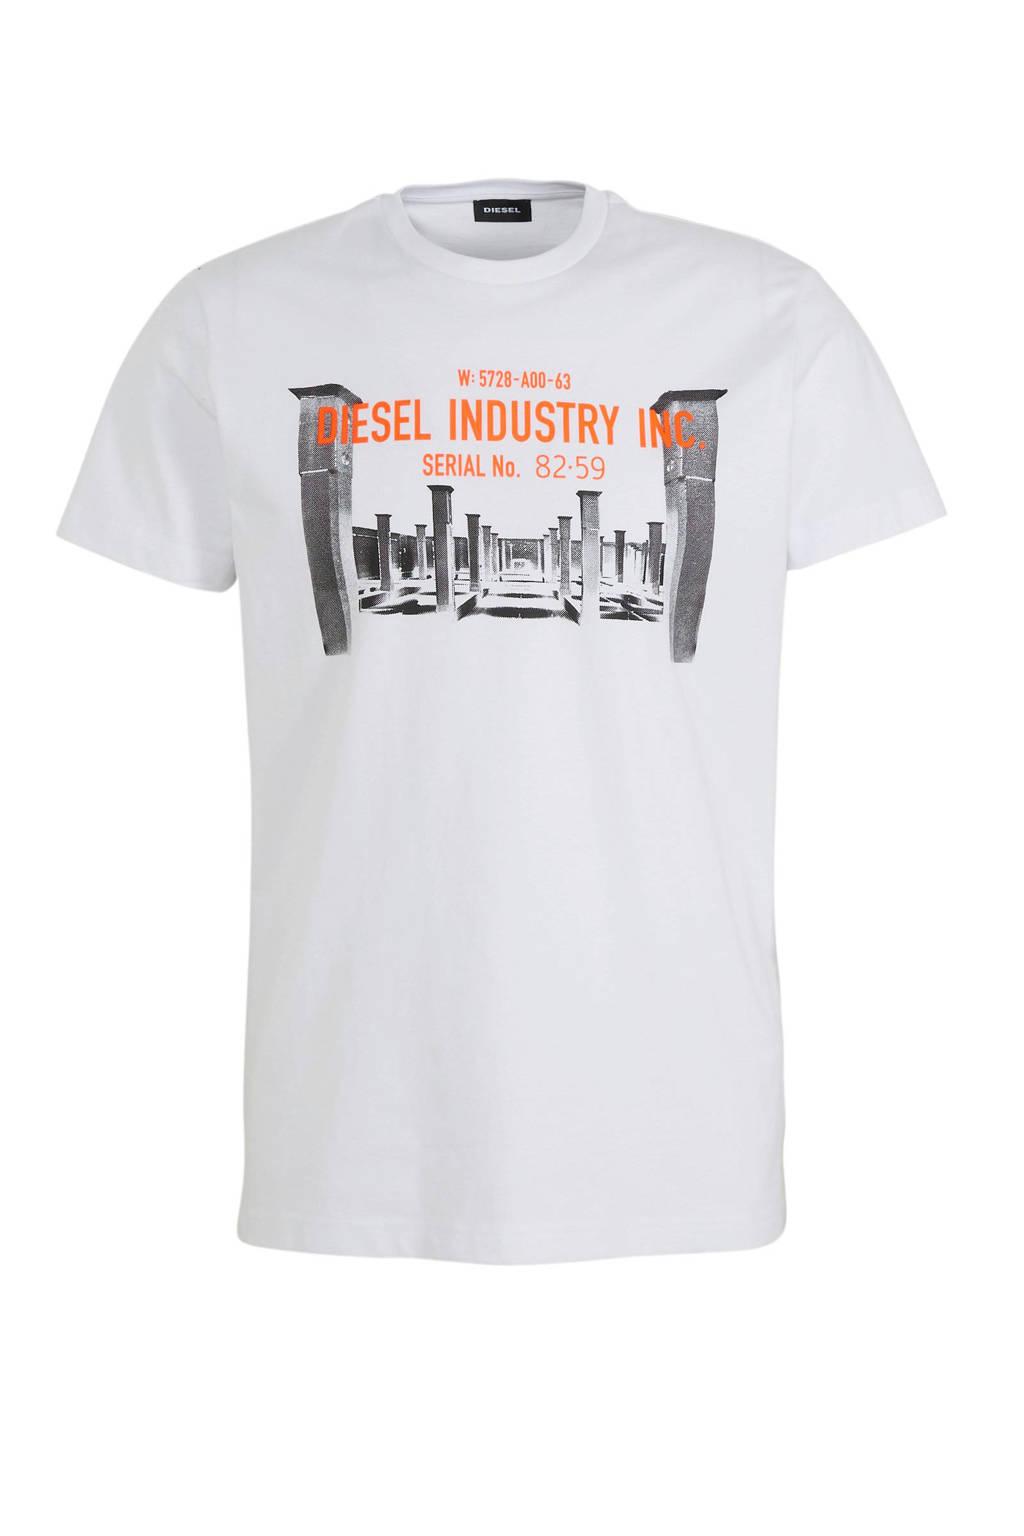 Diesel T-shirt met printopdruk wit, Wit